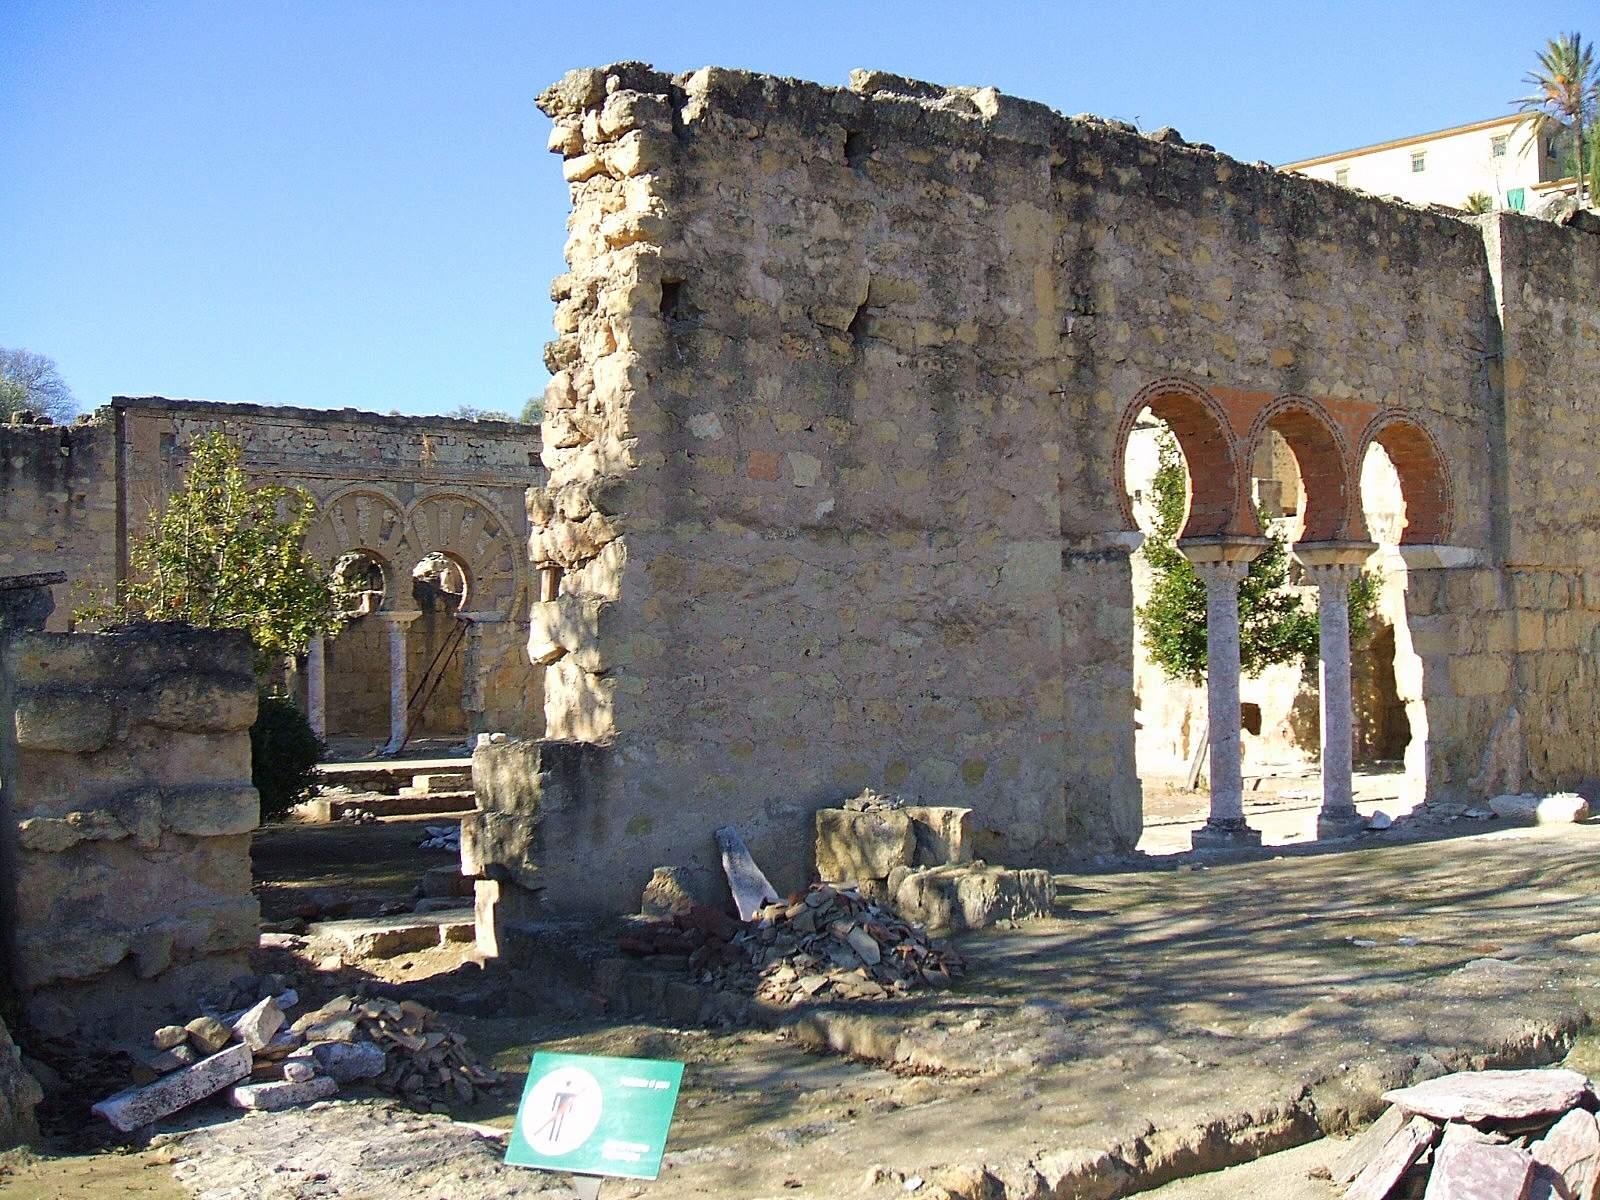 Vista de las ruinas de Medina Azahara. Autor, Zarateman